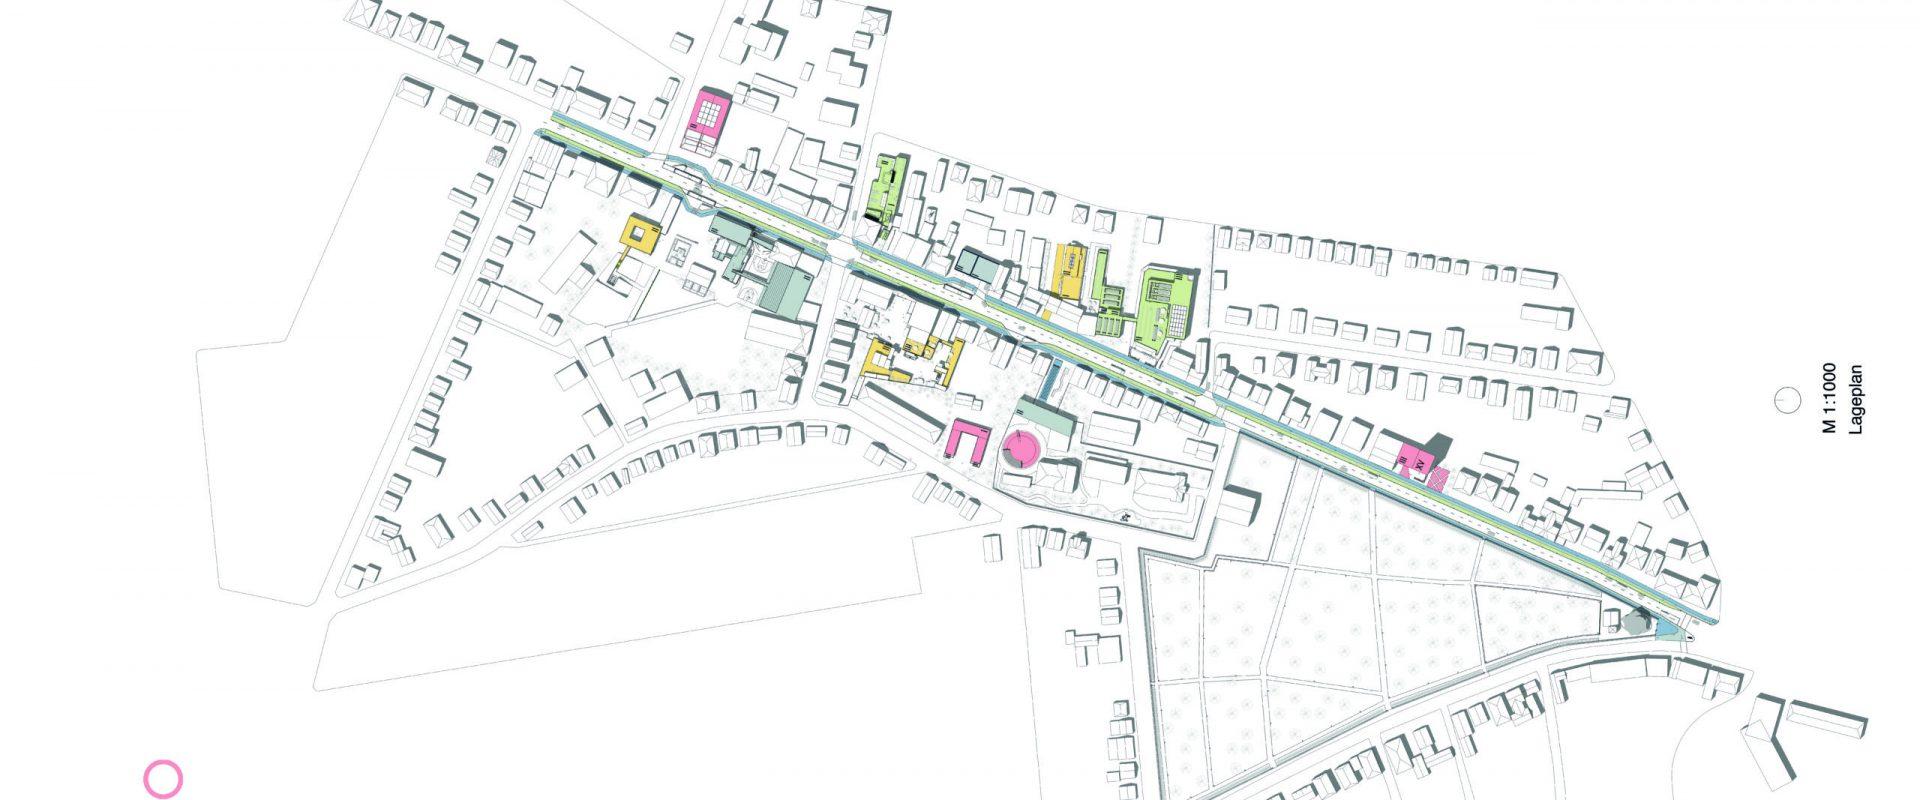 Städtebau_Jabben_Heckmann_Kawasaki_No3